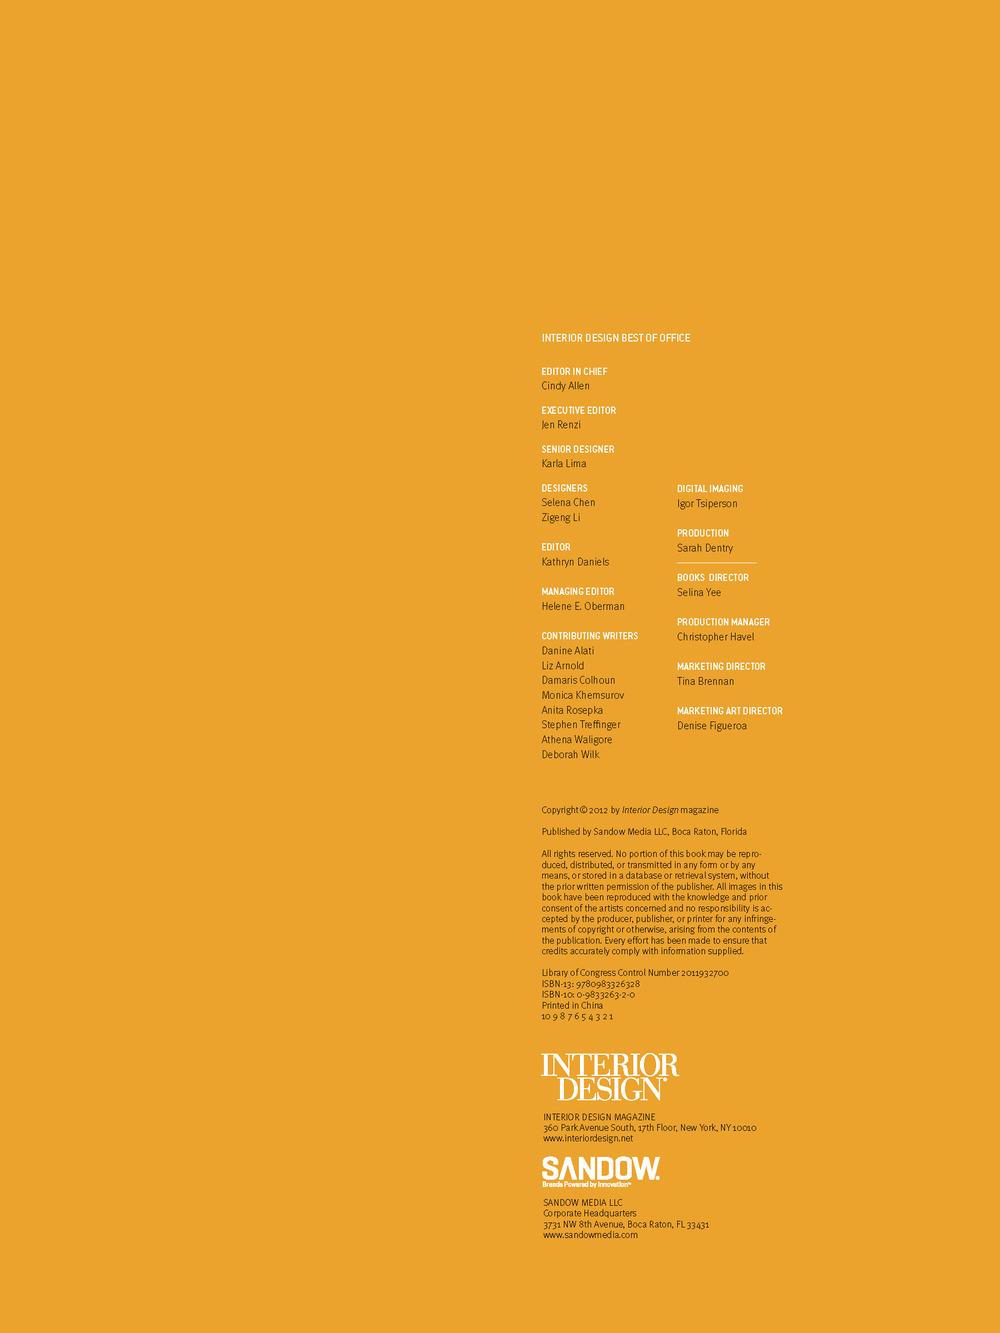 DDA_BestOfOffice2012_2.jpg